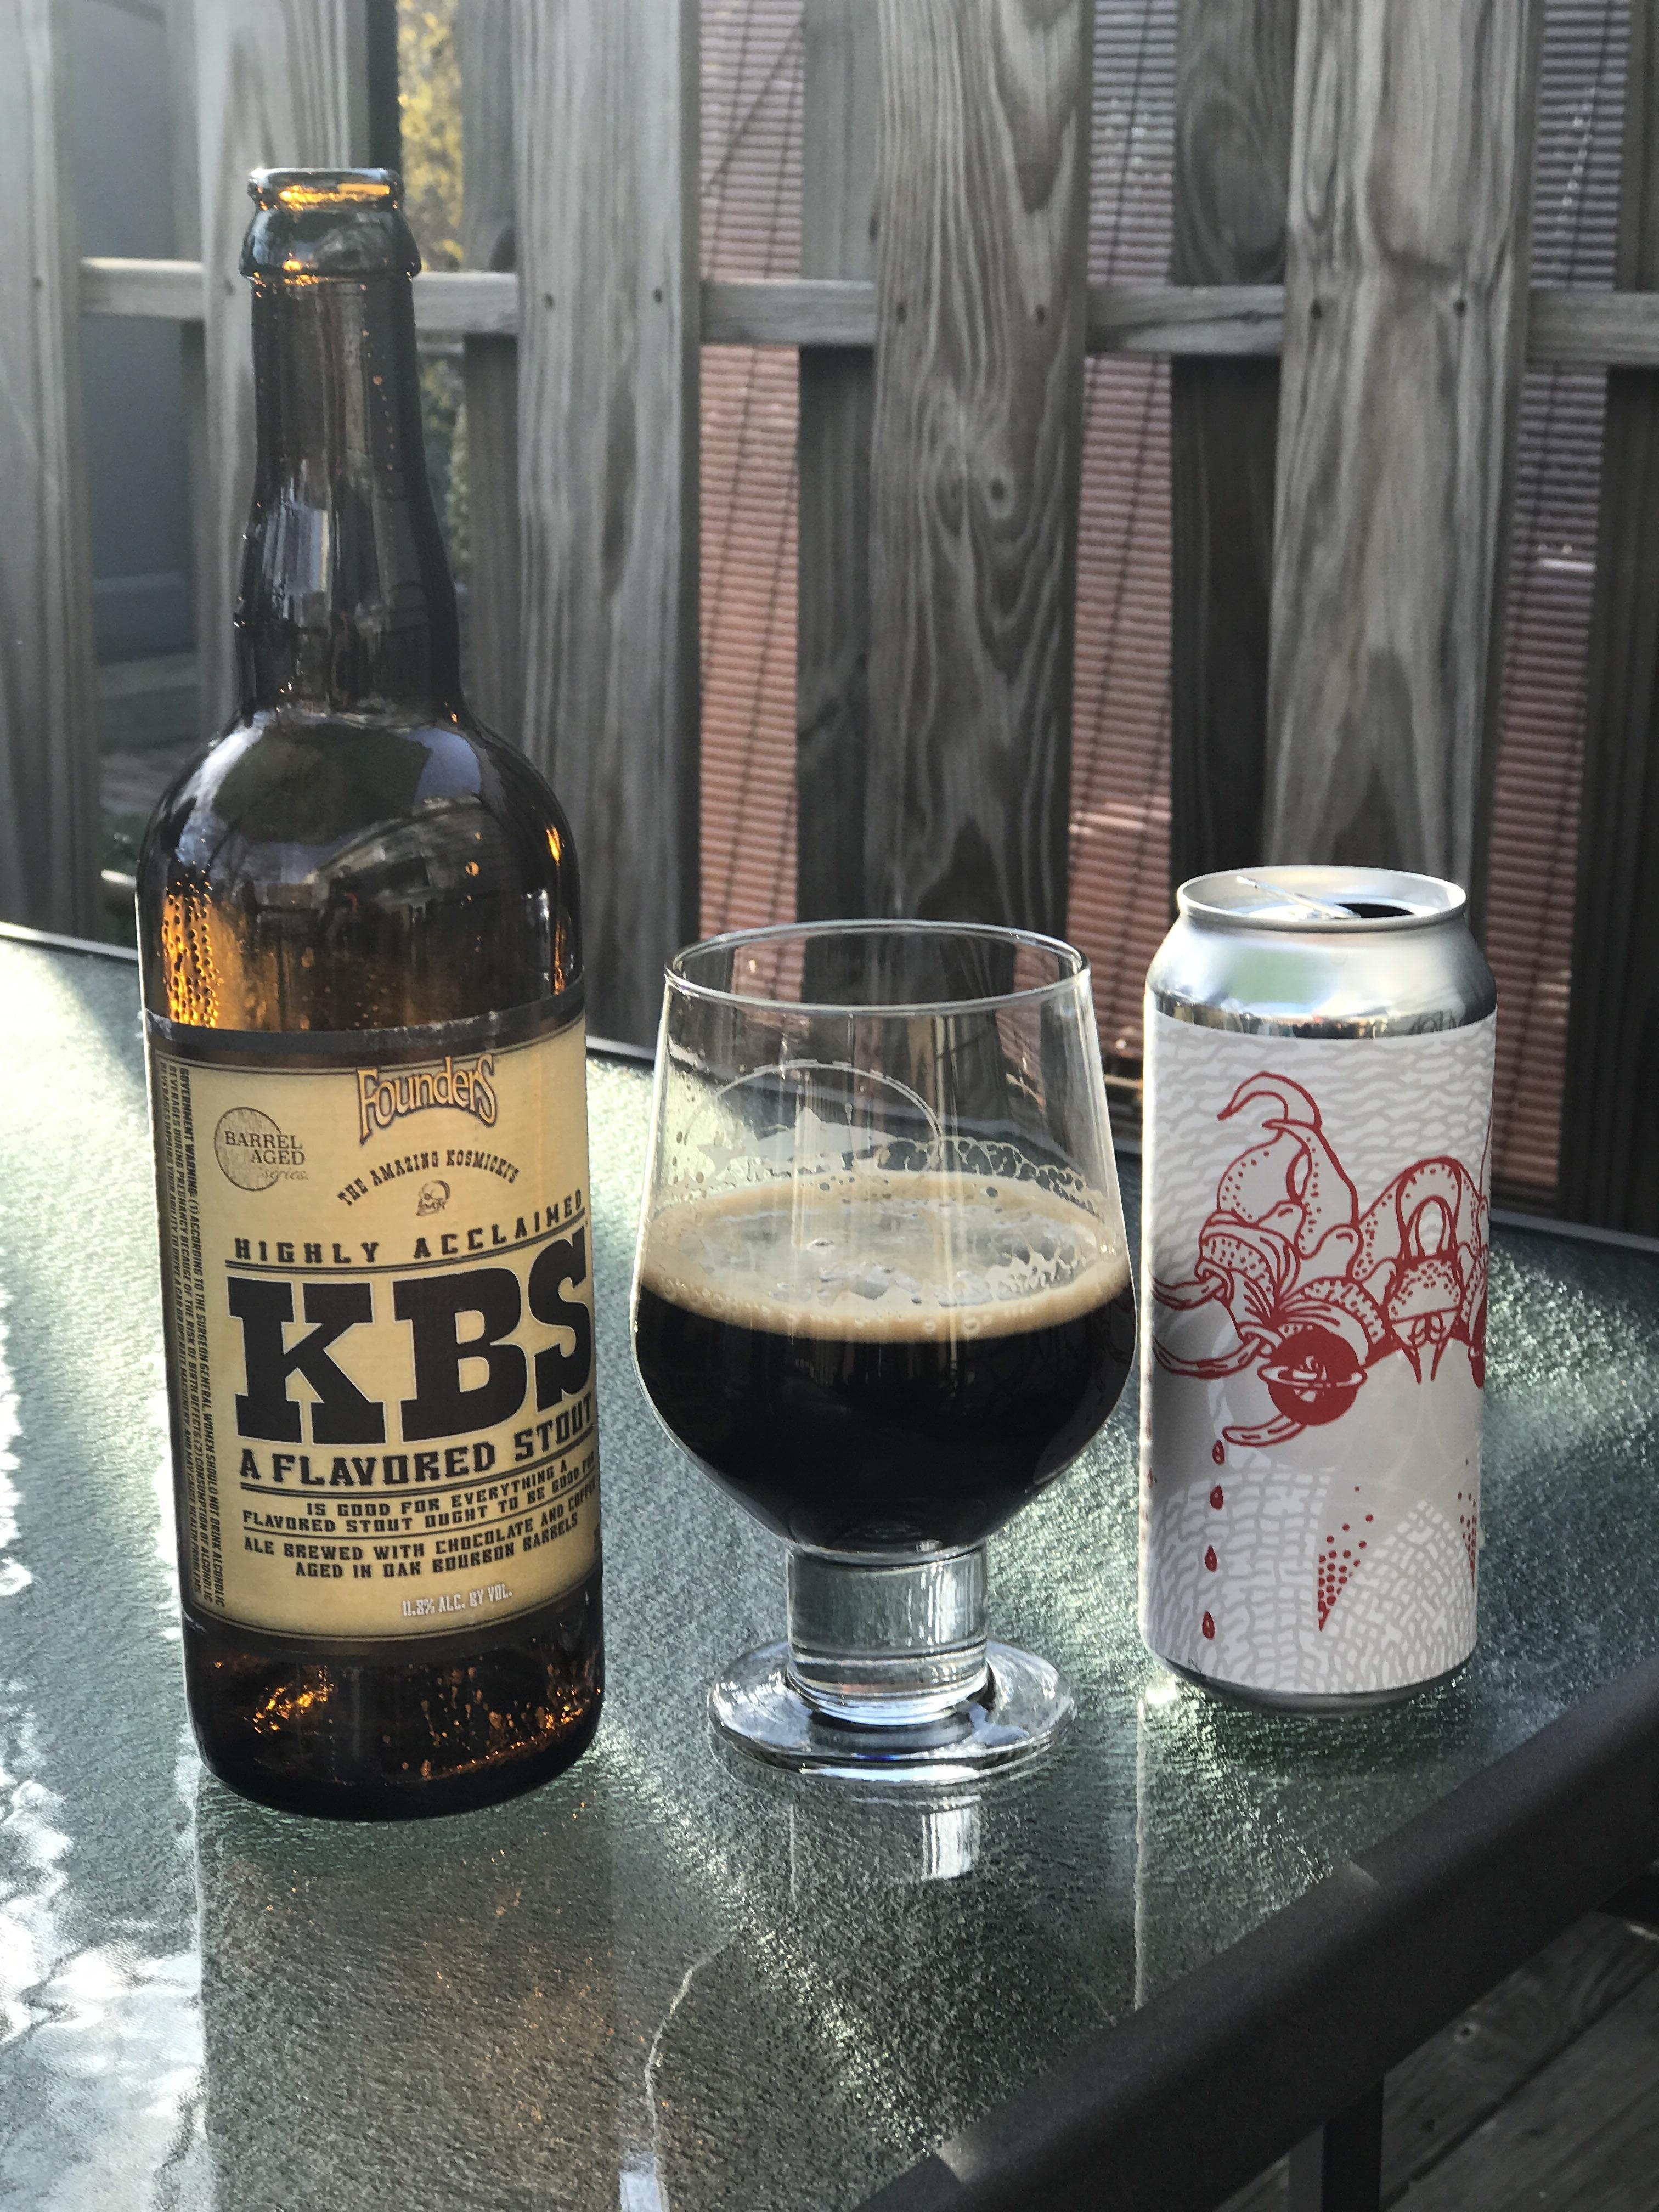 Mixed some shake and KBS this weekend! It was amazing. #FavoriteBeers #summershandy #beers #footy #greatnight #beer #friends #craftbeer #sun #cheers #beach #BBQ